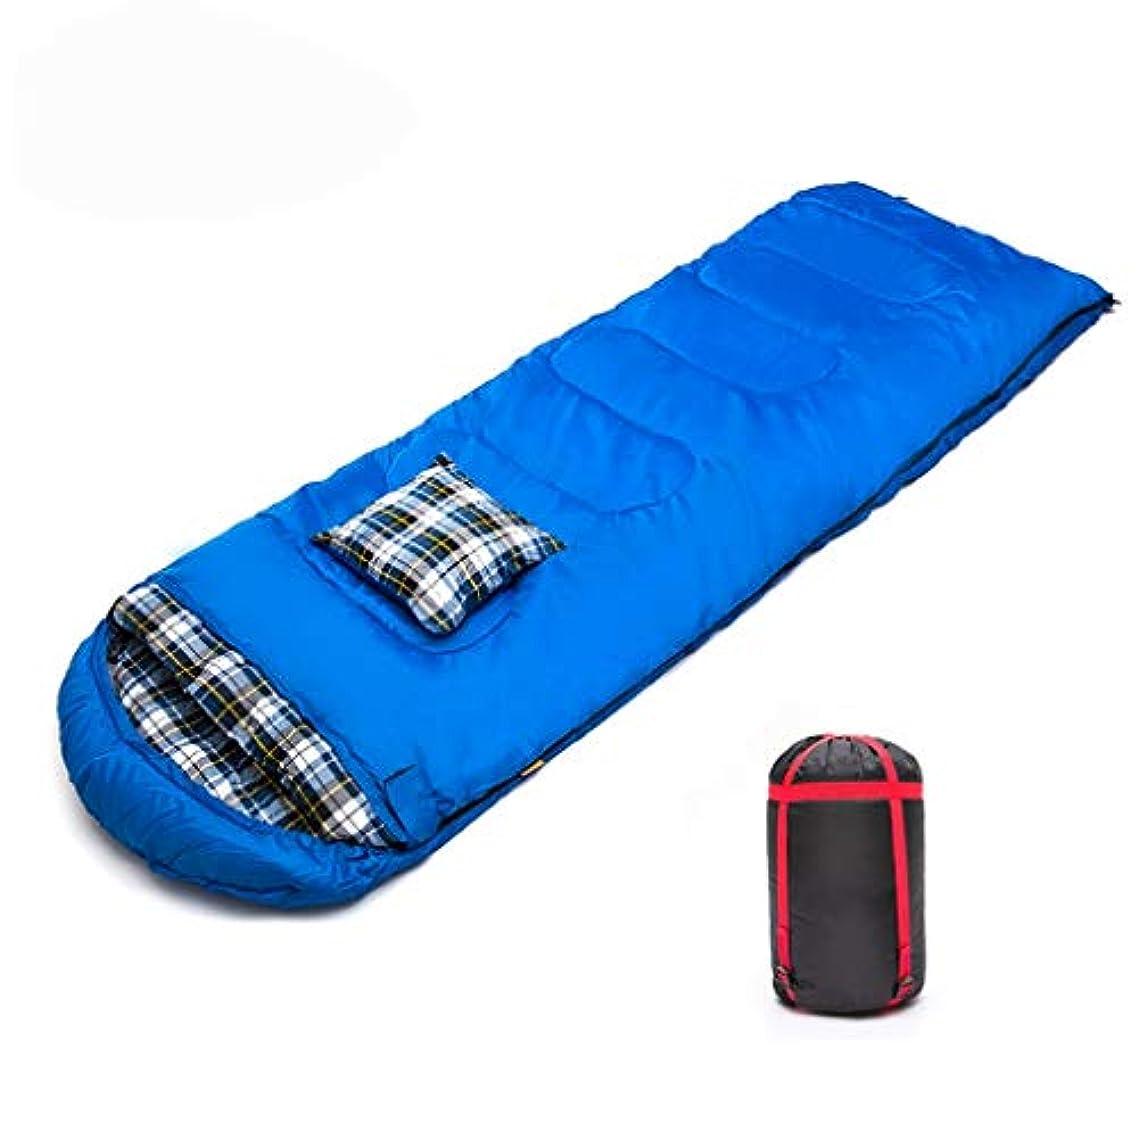 プレーヤー海洋の海賊Wangjie 寝袋 圧縮袋 キャンプ用寝袋 アウトドア寝袋 旅行 キャンプ アウトドア 旅行 季節 暖かい 汚れたダウンコットン 寝袋